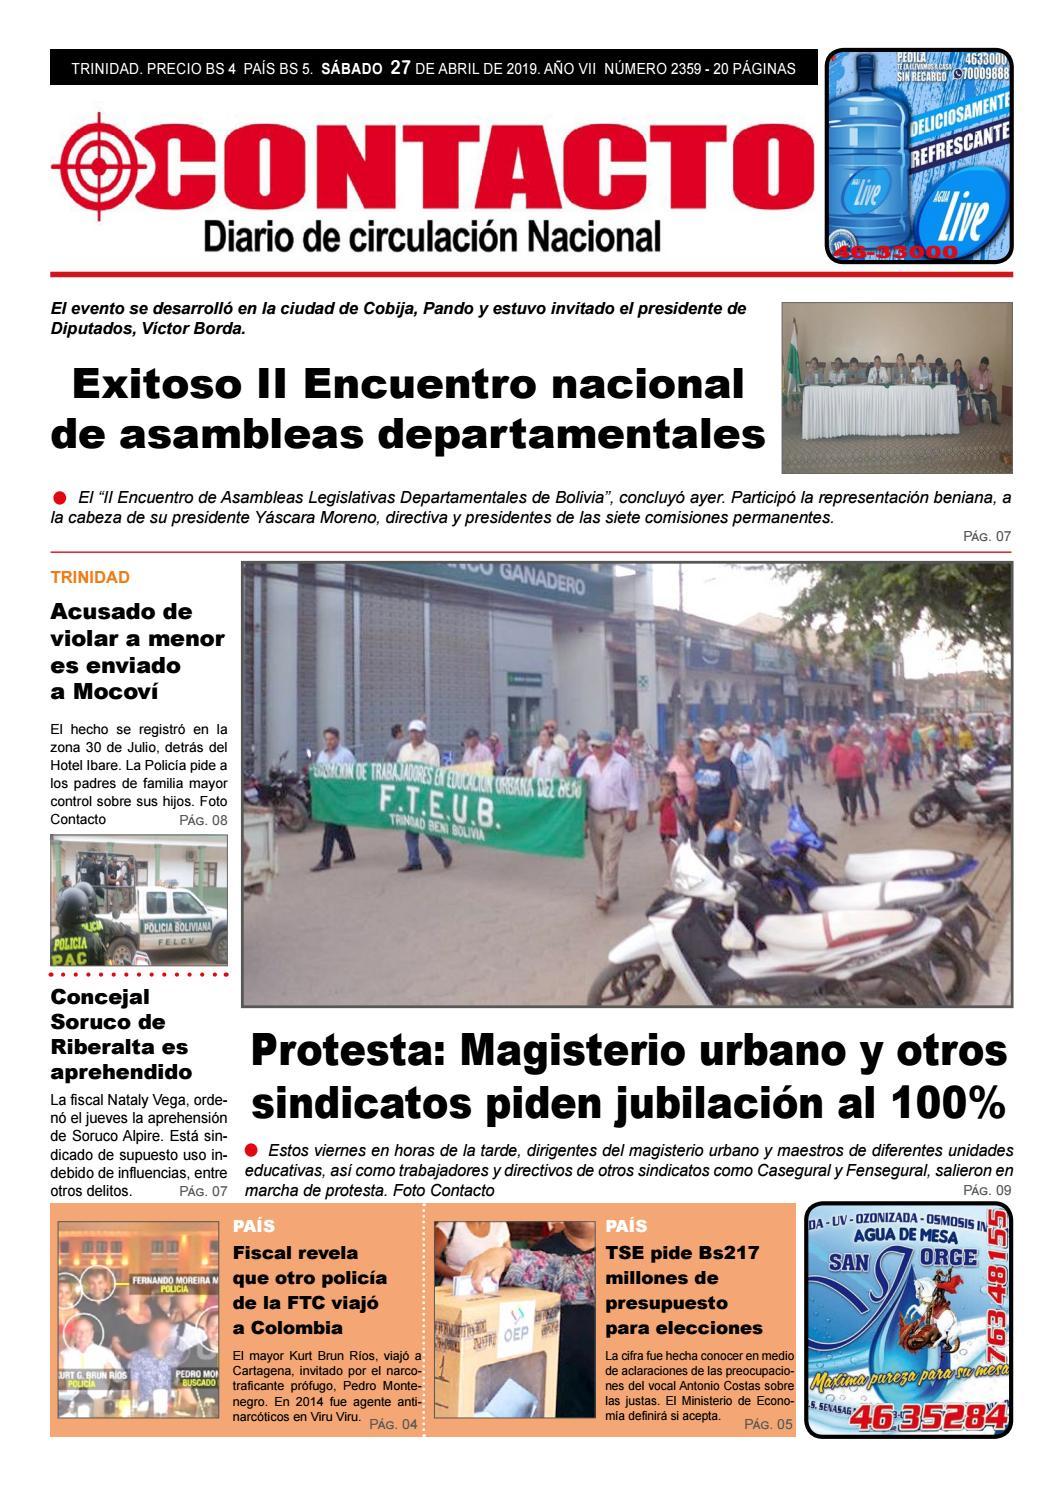 Diario Contacto 27 De Abril De 2019 By Diario Contacto Beni